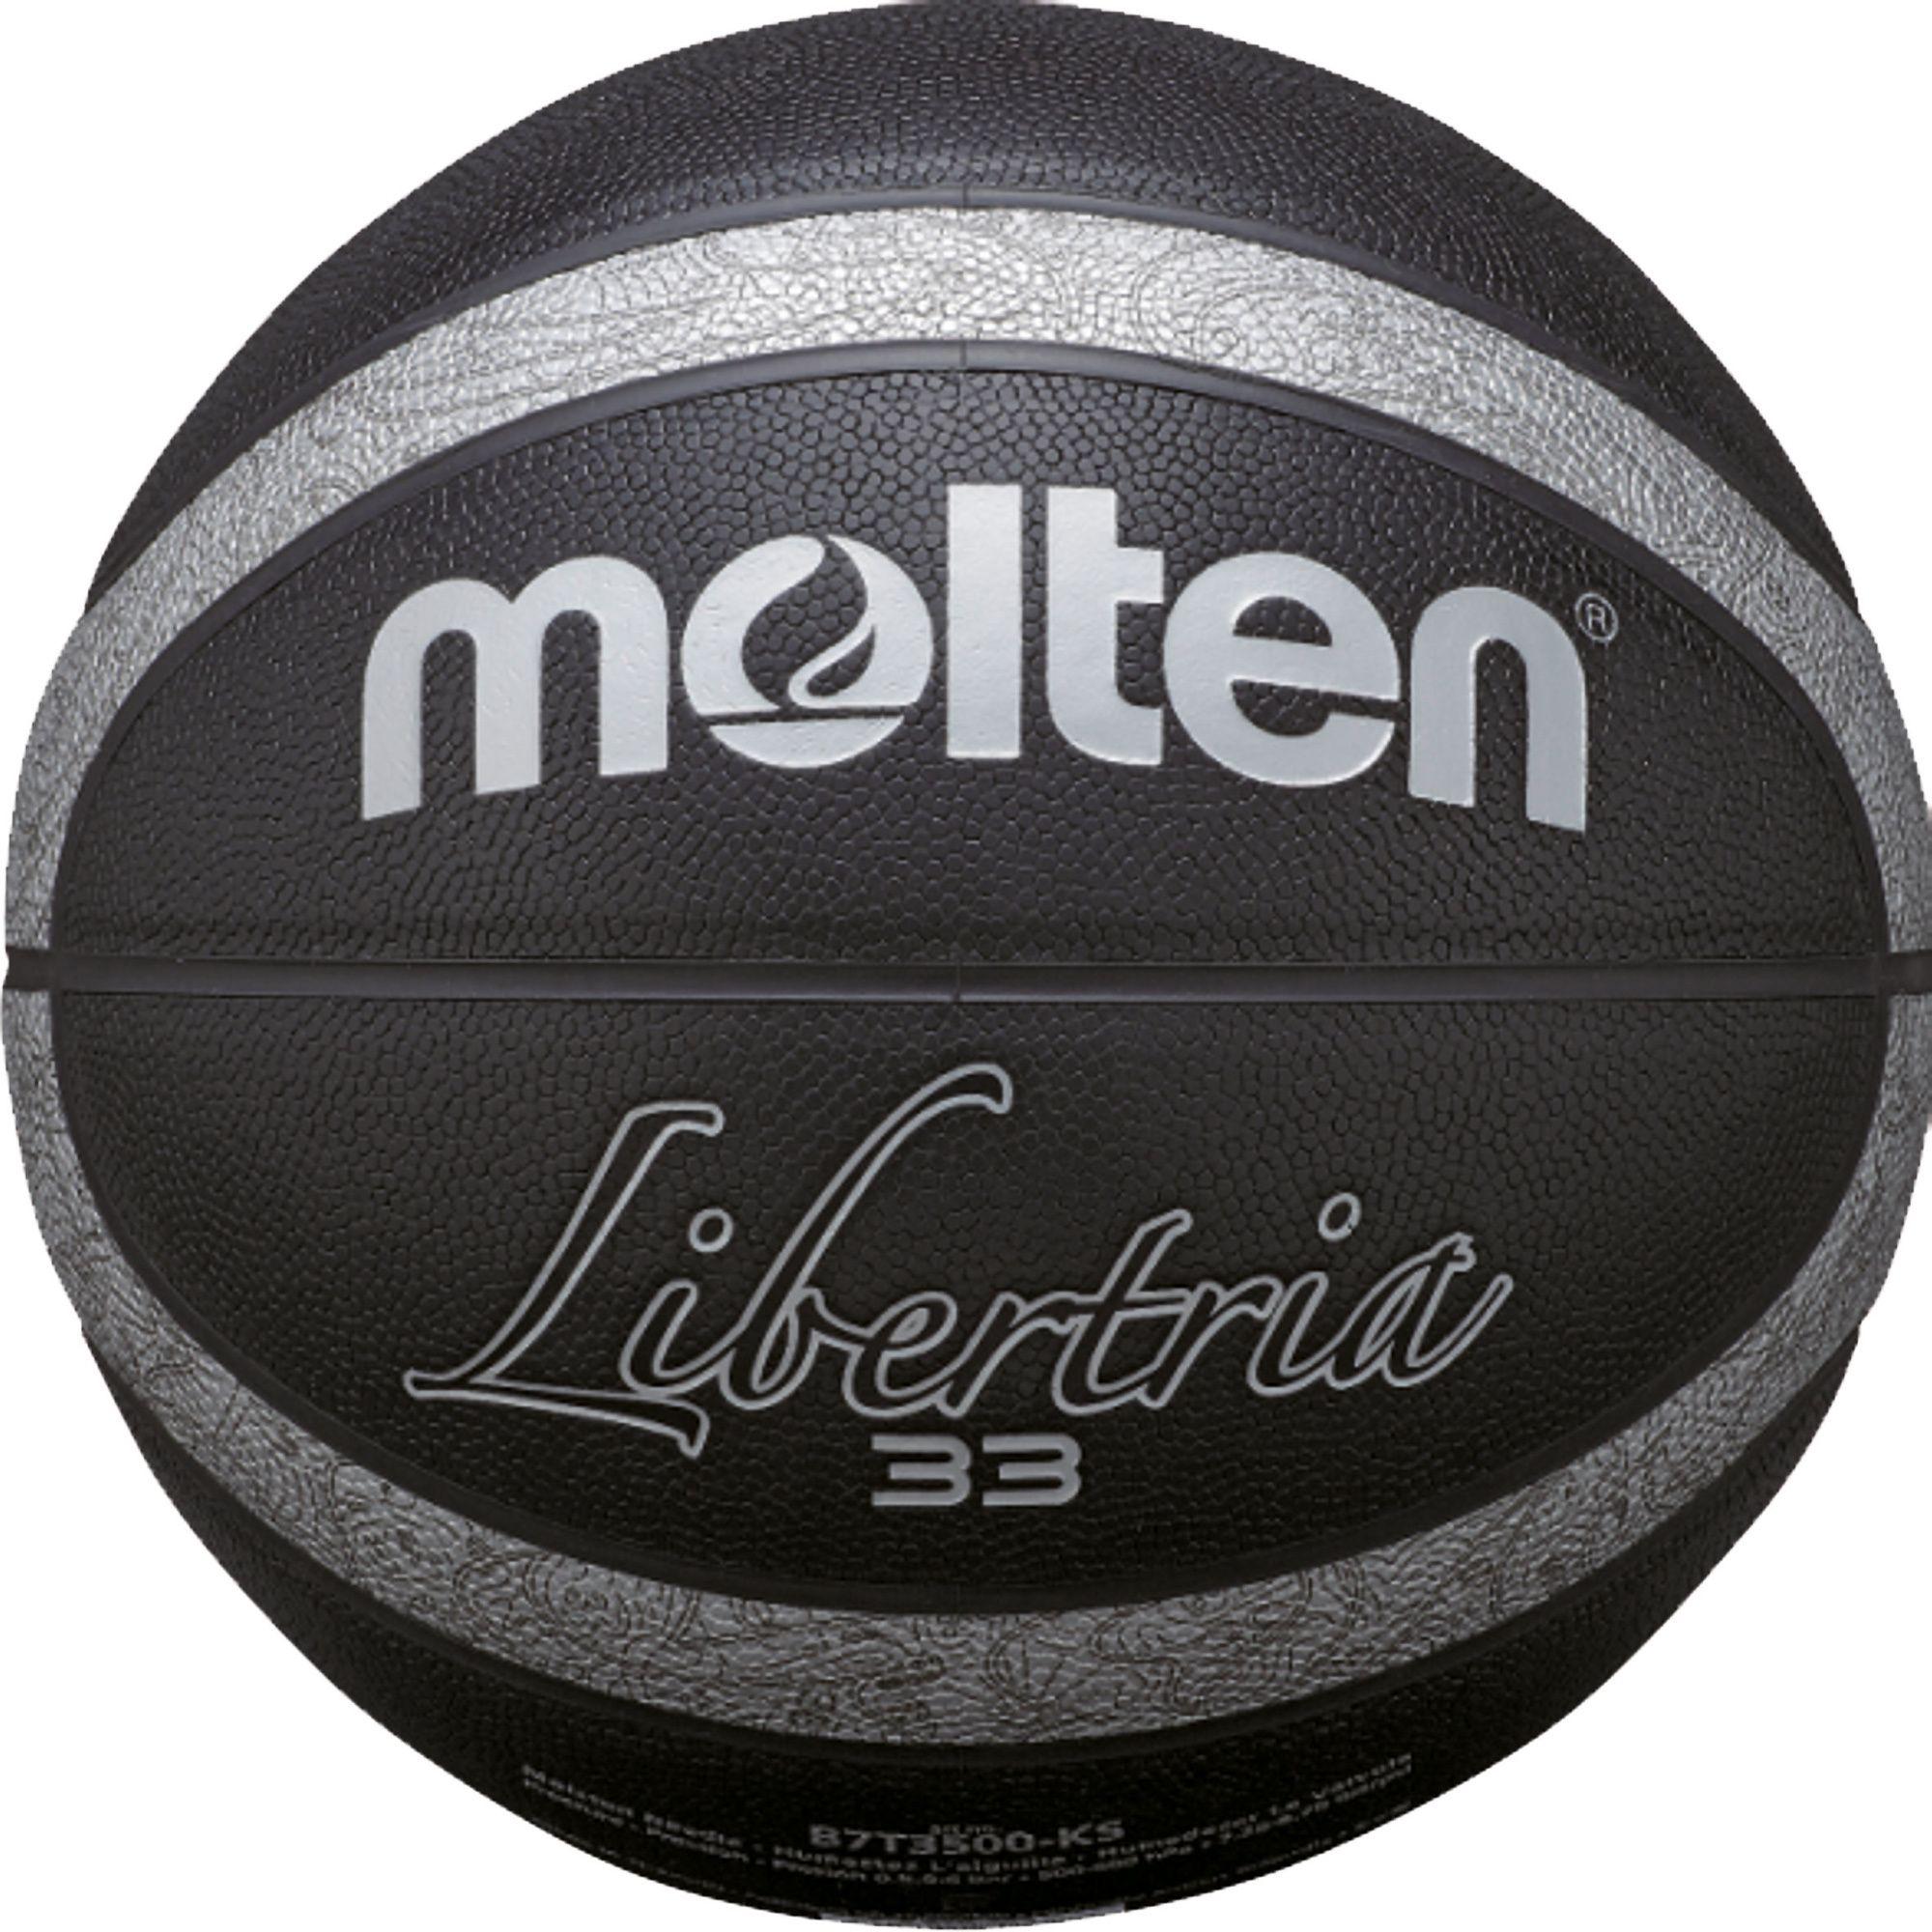 MOLTEN Molten B7T3500-KS Basketball